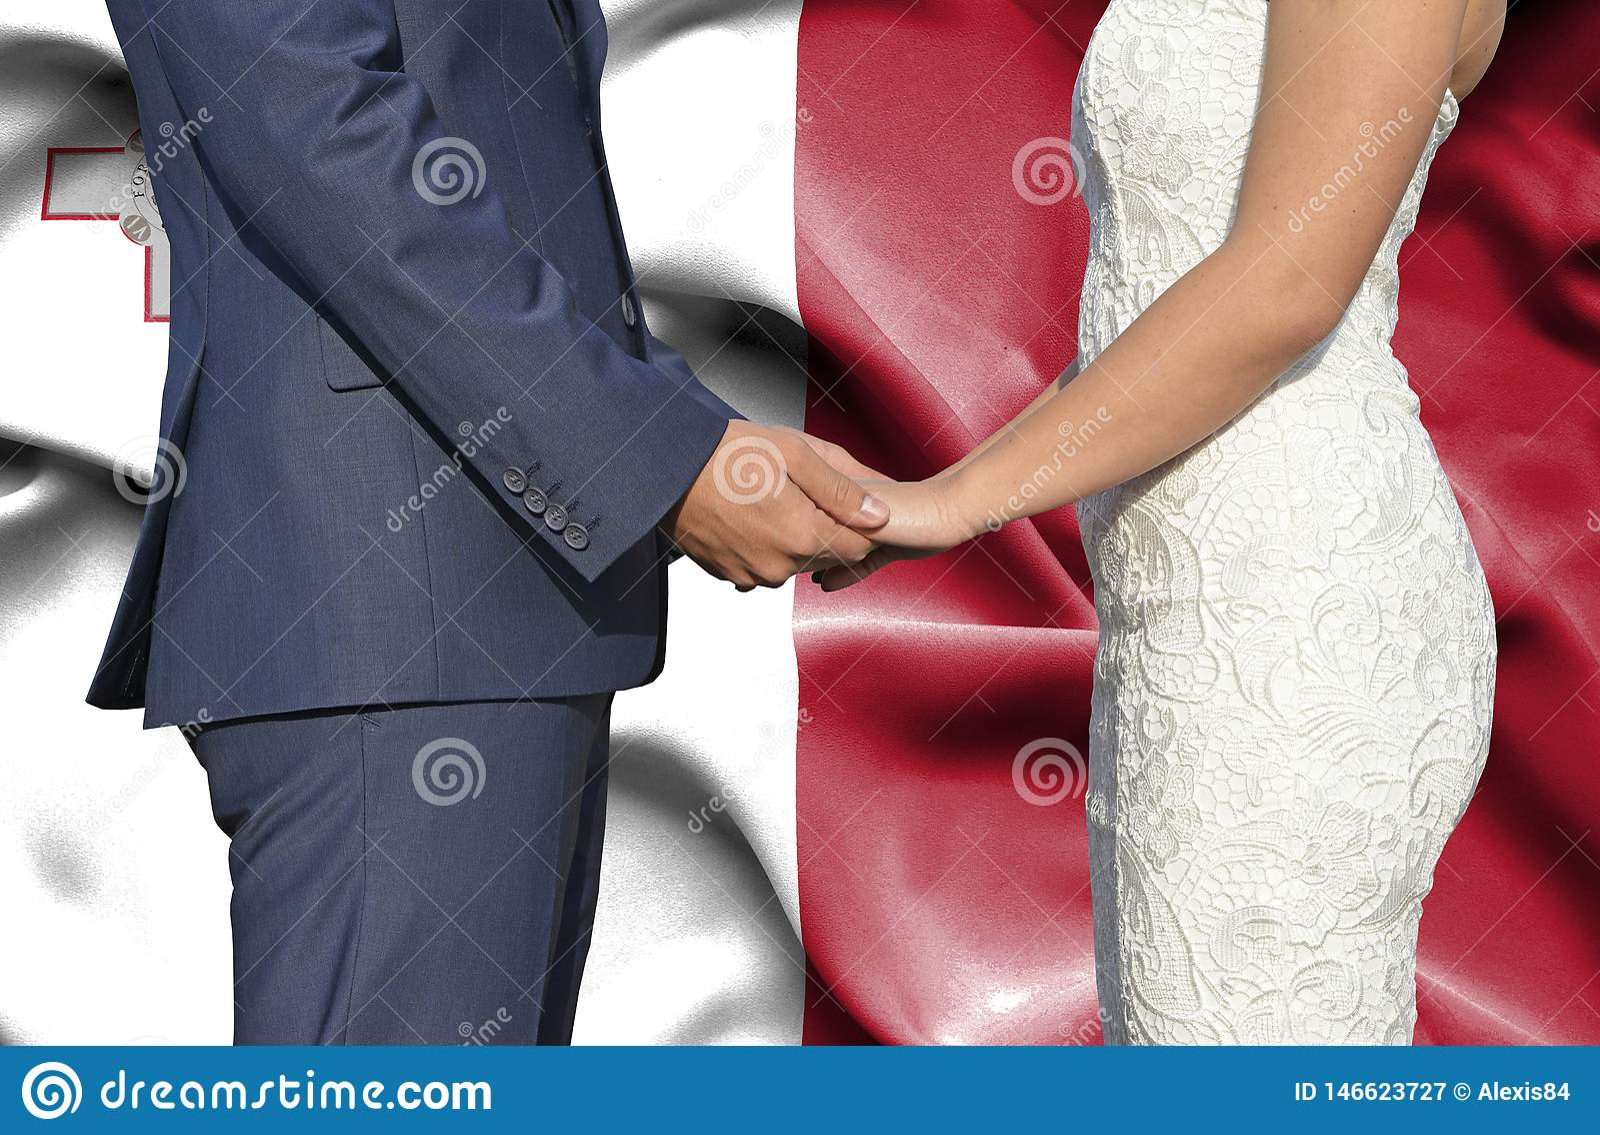 Marido y esposa que llevan a cabo las manos - fotografía conceptual del matrimonio en Malta